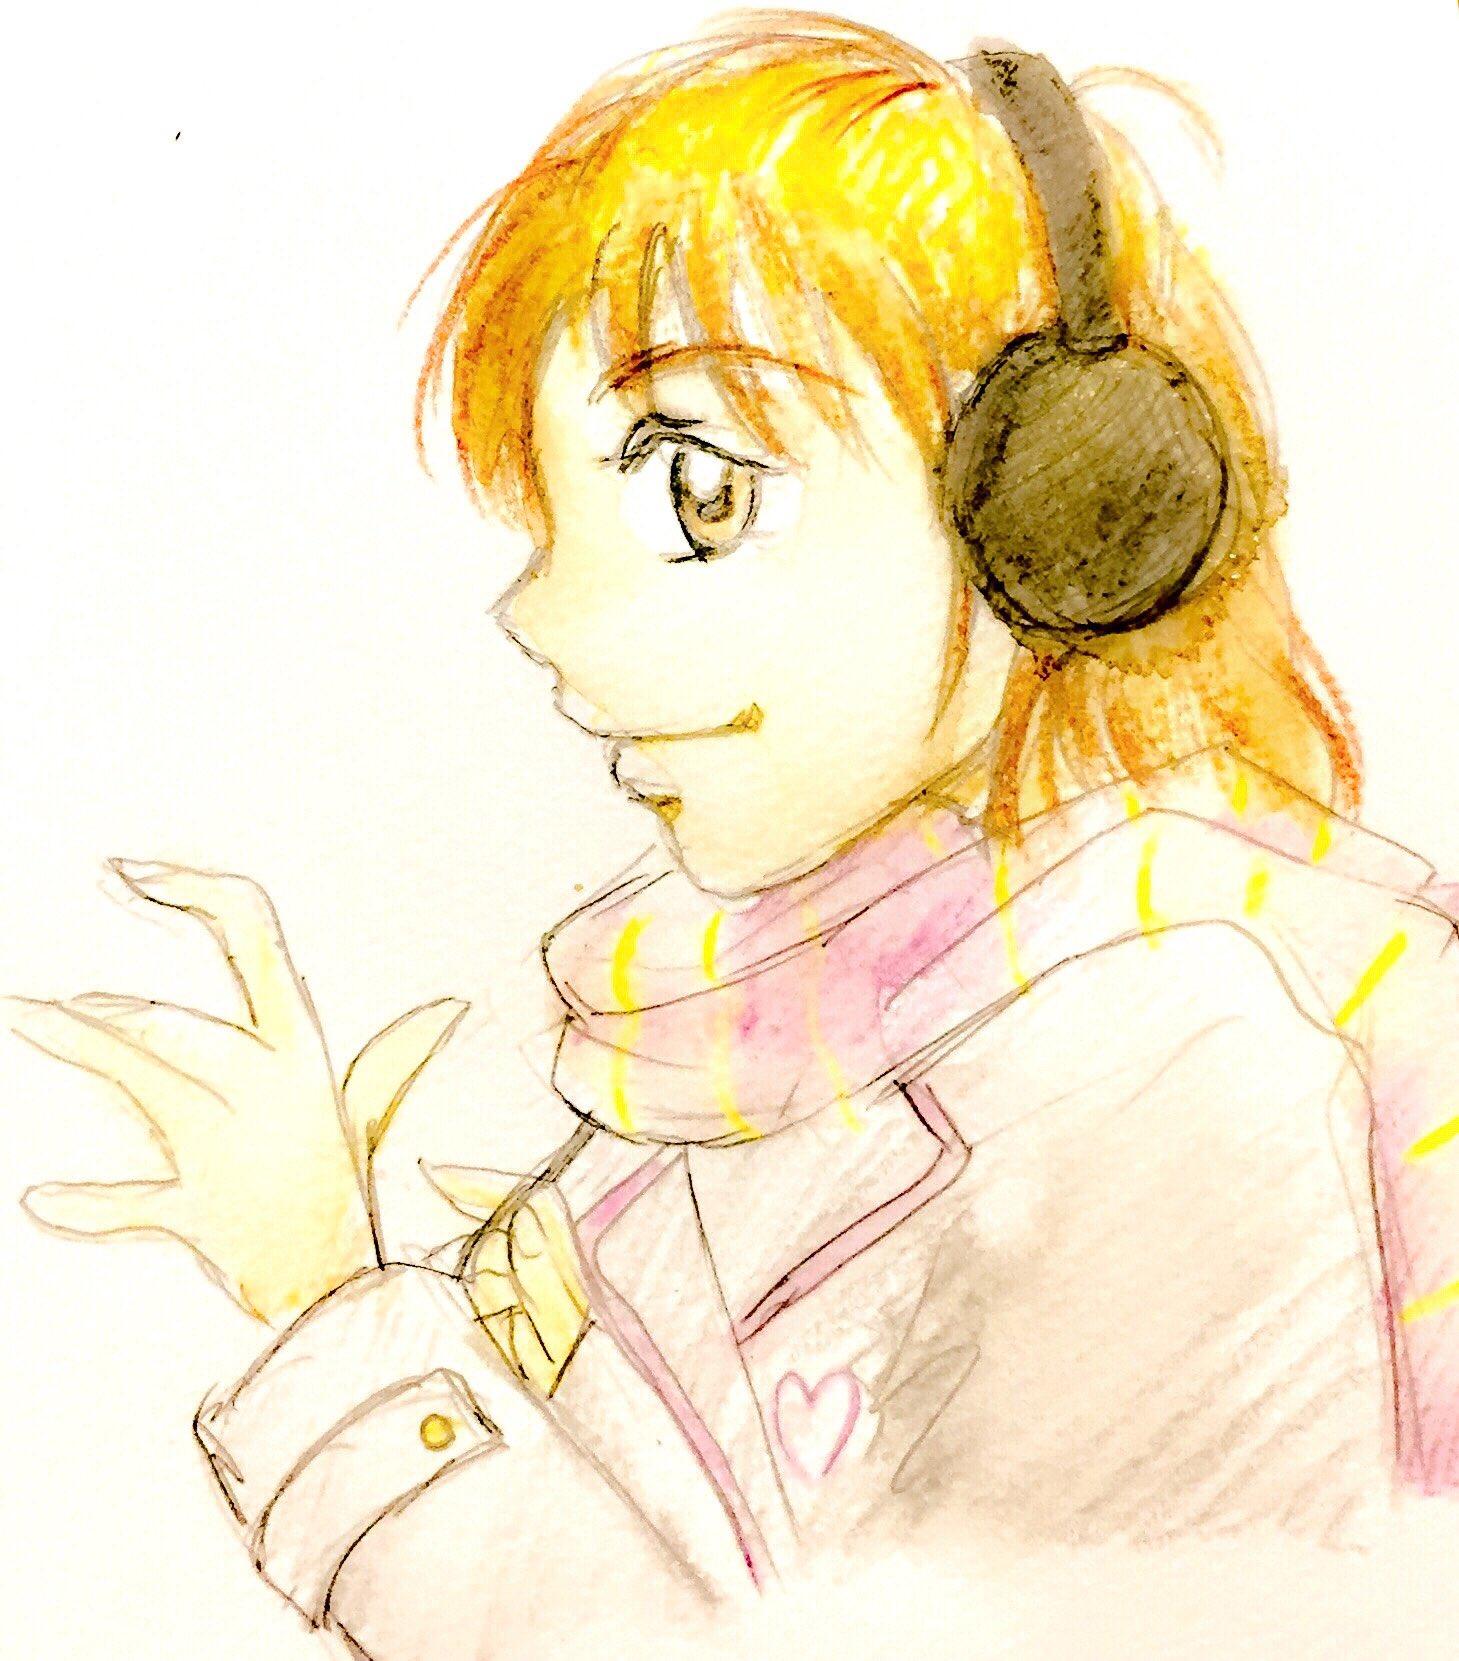 しんぽんシン・ポジラの名は。 (@SHIN_YANAI)さんのイラスト